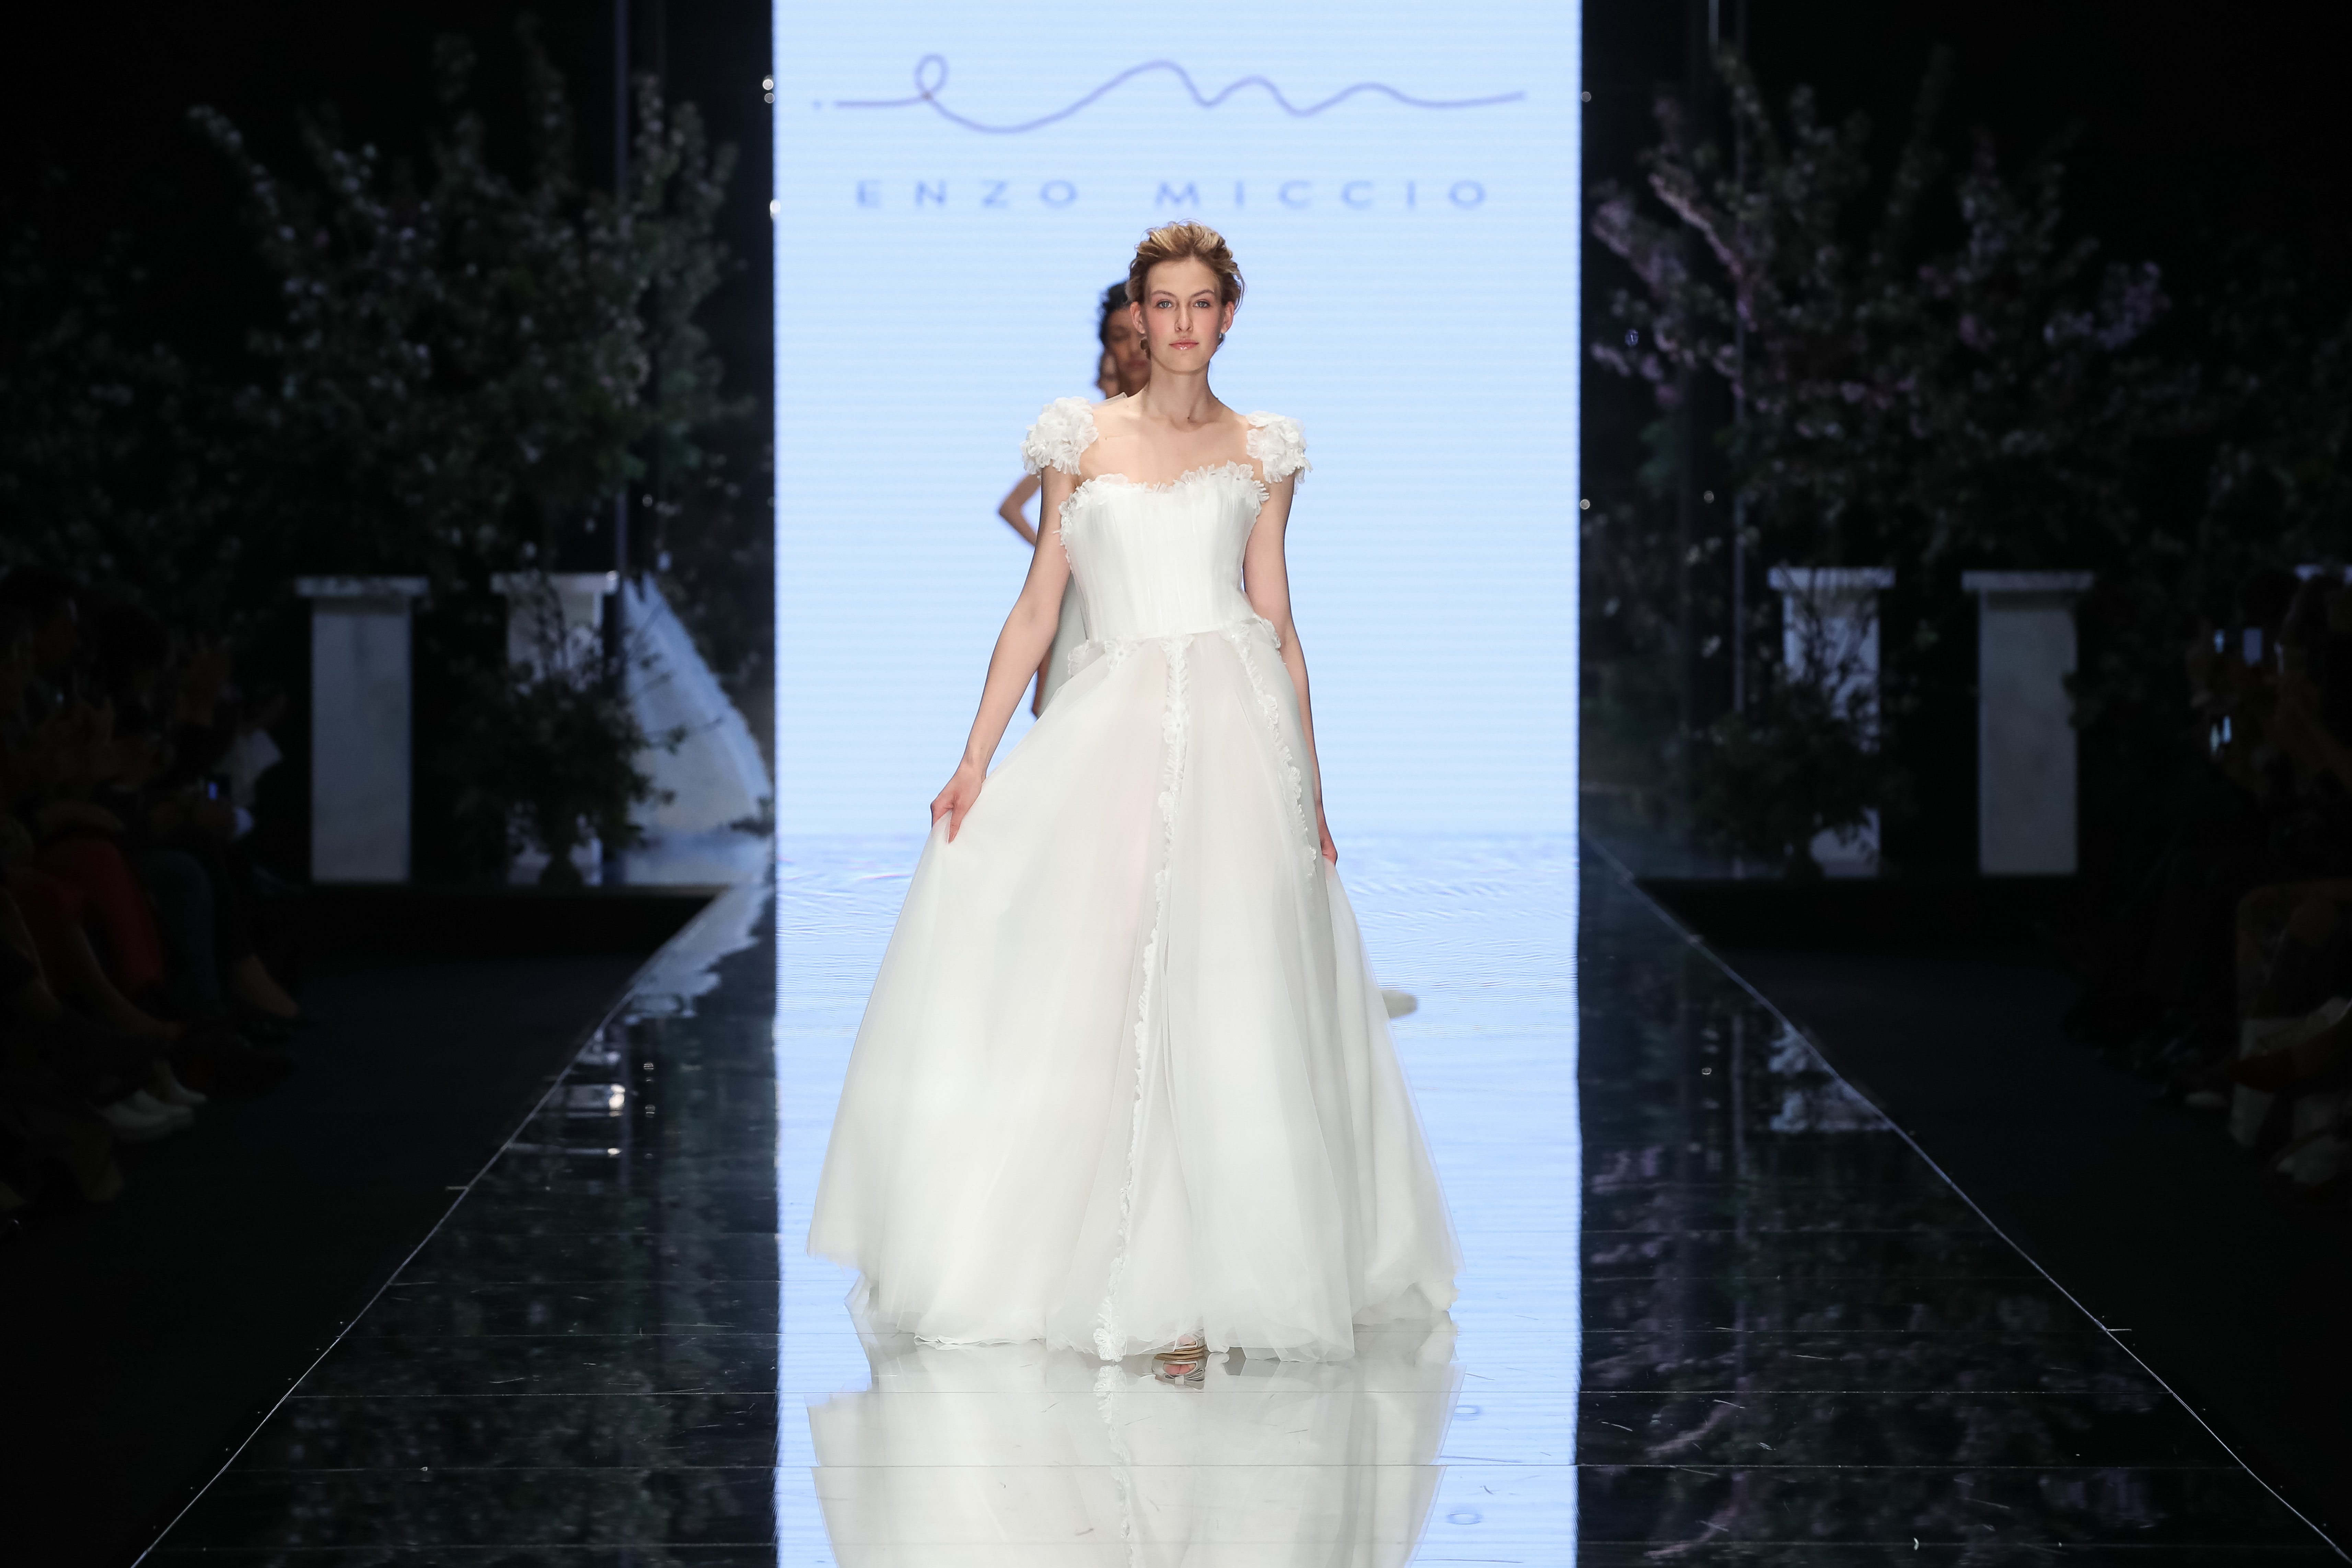 263a4daafde9 Enzo Miccio presenta la collezione di abiti da sposa 2020  Ecco gli errori  da evitare alle nozze